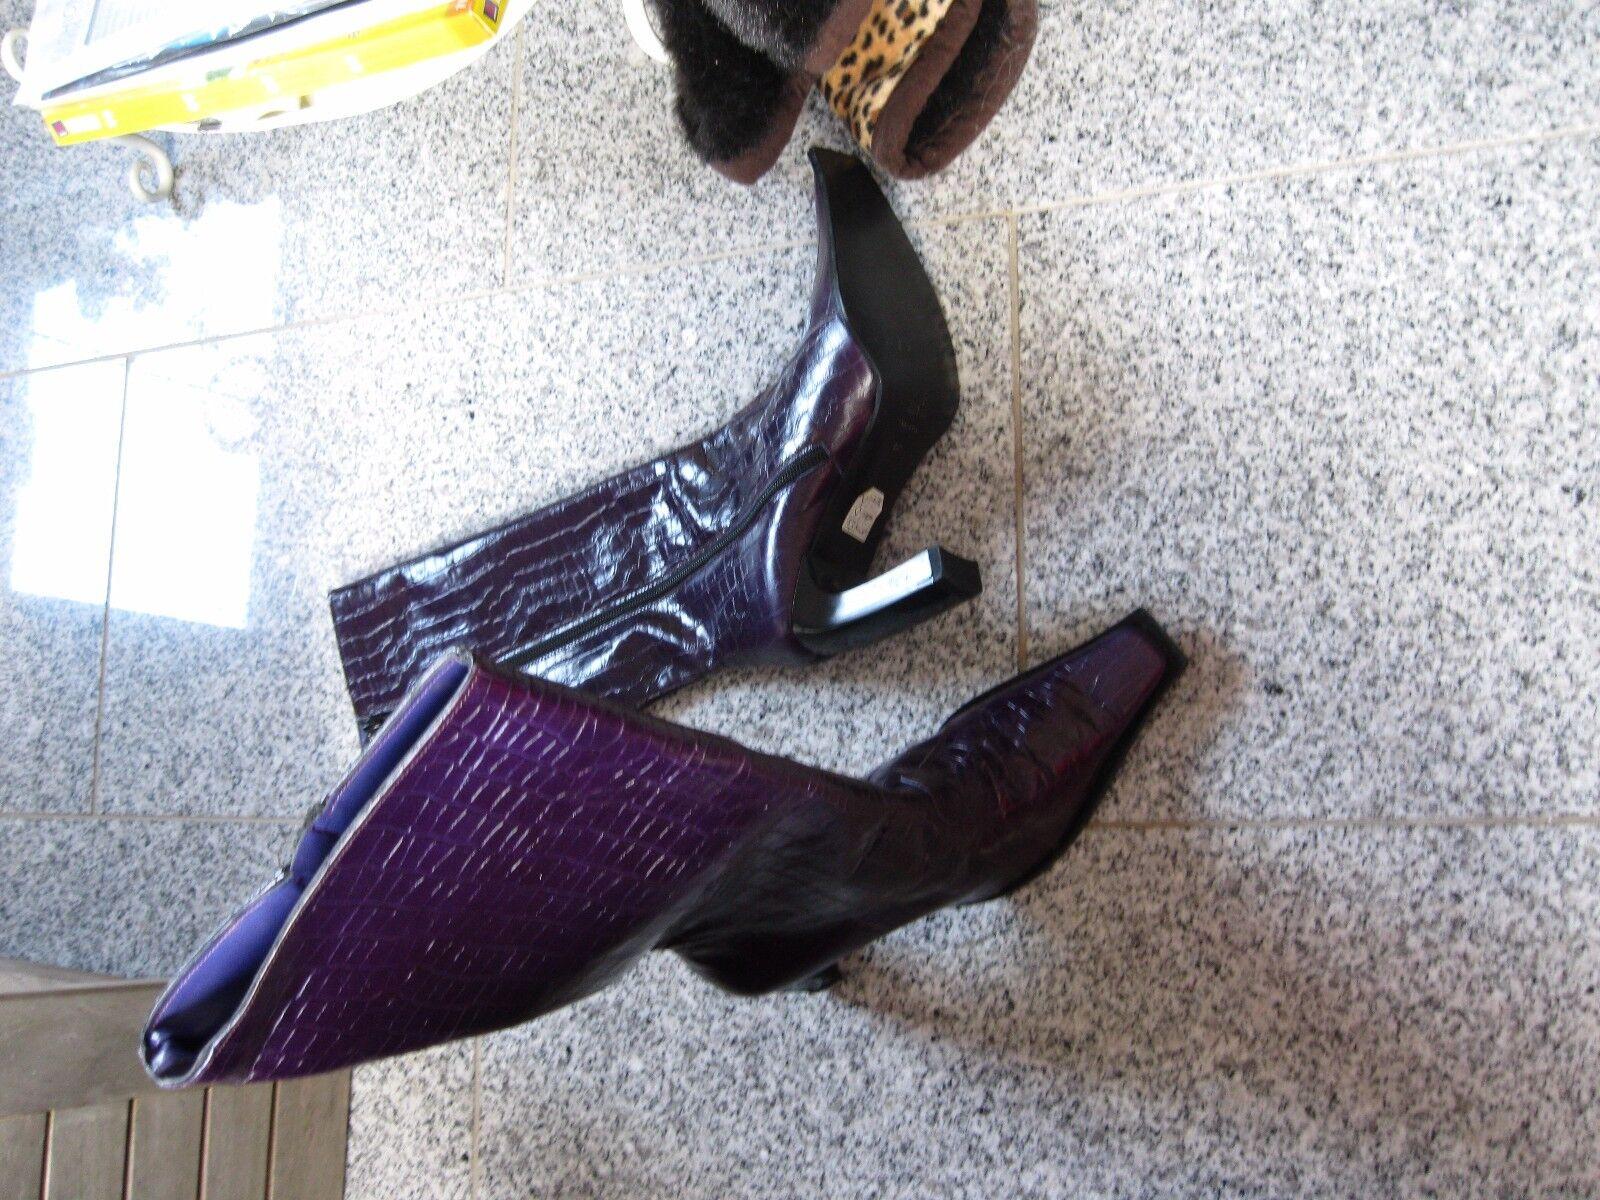 Italiana botas de cuero krokostyle talla 37 púrpura nuevo párrafo párrafo párrafo alta  orden ahora disfrutar de gran descuento